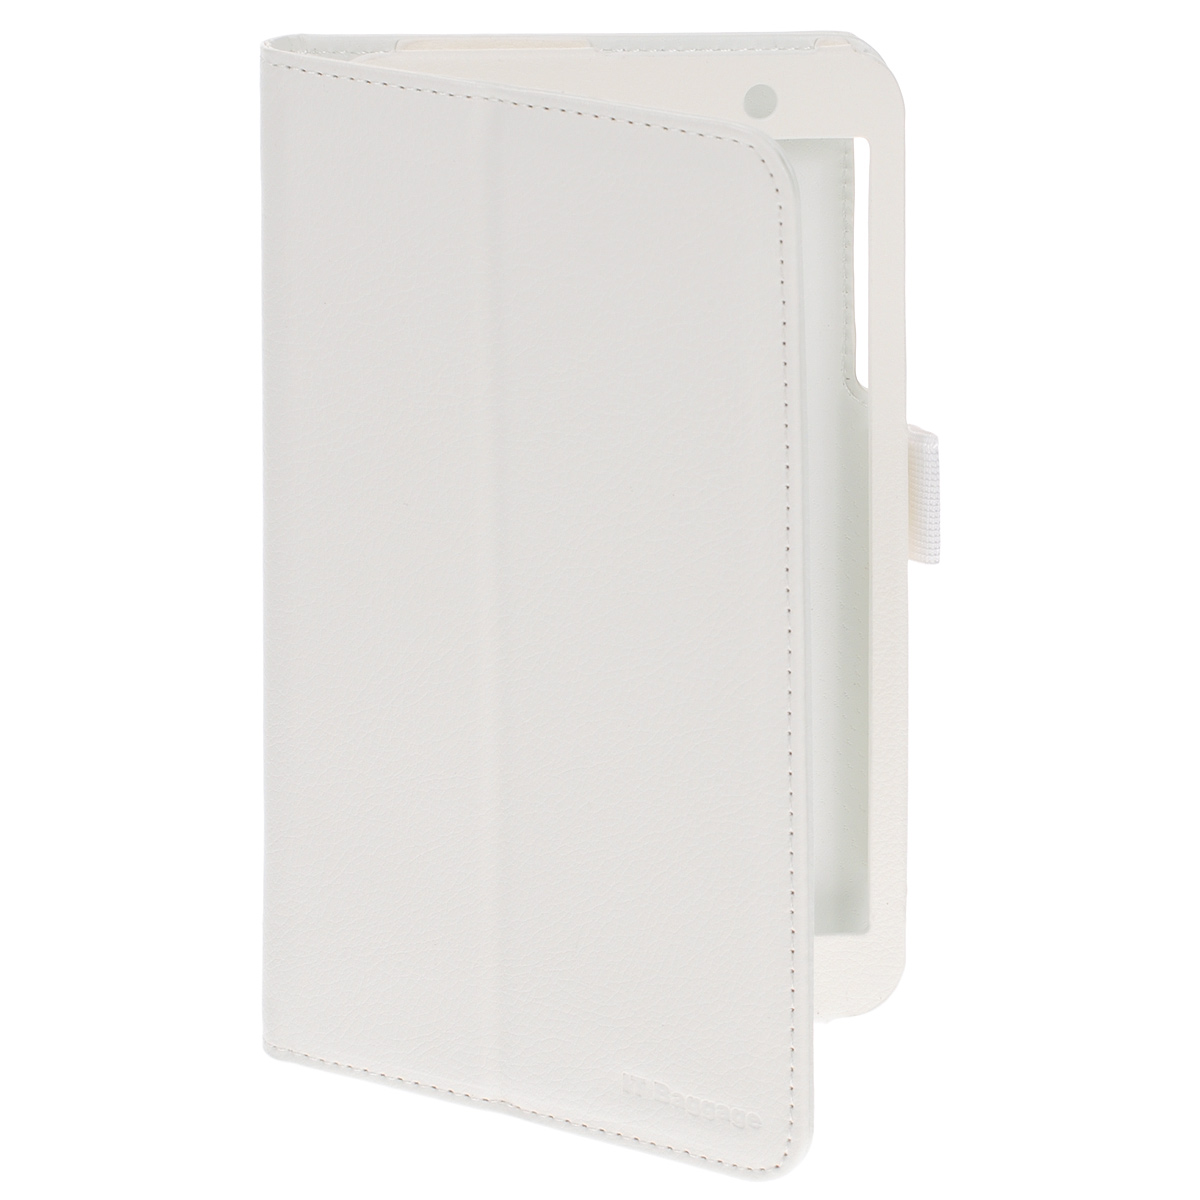 IT Baggage чехол с функцией стенд для Asus MeMO Pad 7 ME176, WhiteITASME1762-0Чехол IT Baggage для планшета Asus MeMO Pad 7 ME176 с функцией стенд - это стильный и лаконичный аксессуар, позволяющий сохранить планшет в идеальном состоянии. Надежно удерживая технику, обложка защищает корпус и дисплей от появления царапин, налипания пыли. Имеет свободный доступ ко всем разъемам устройства.